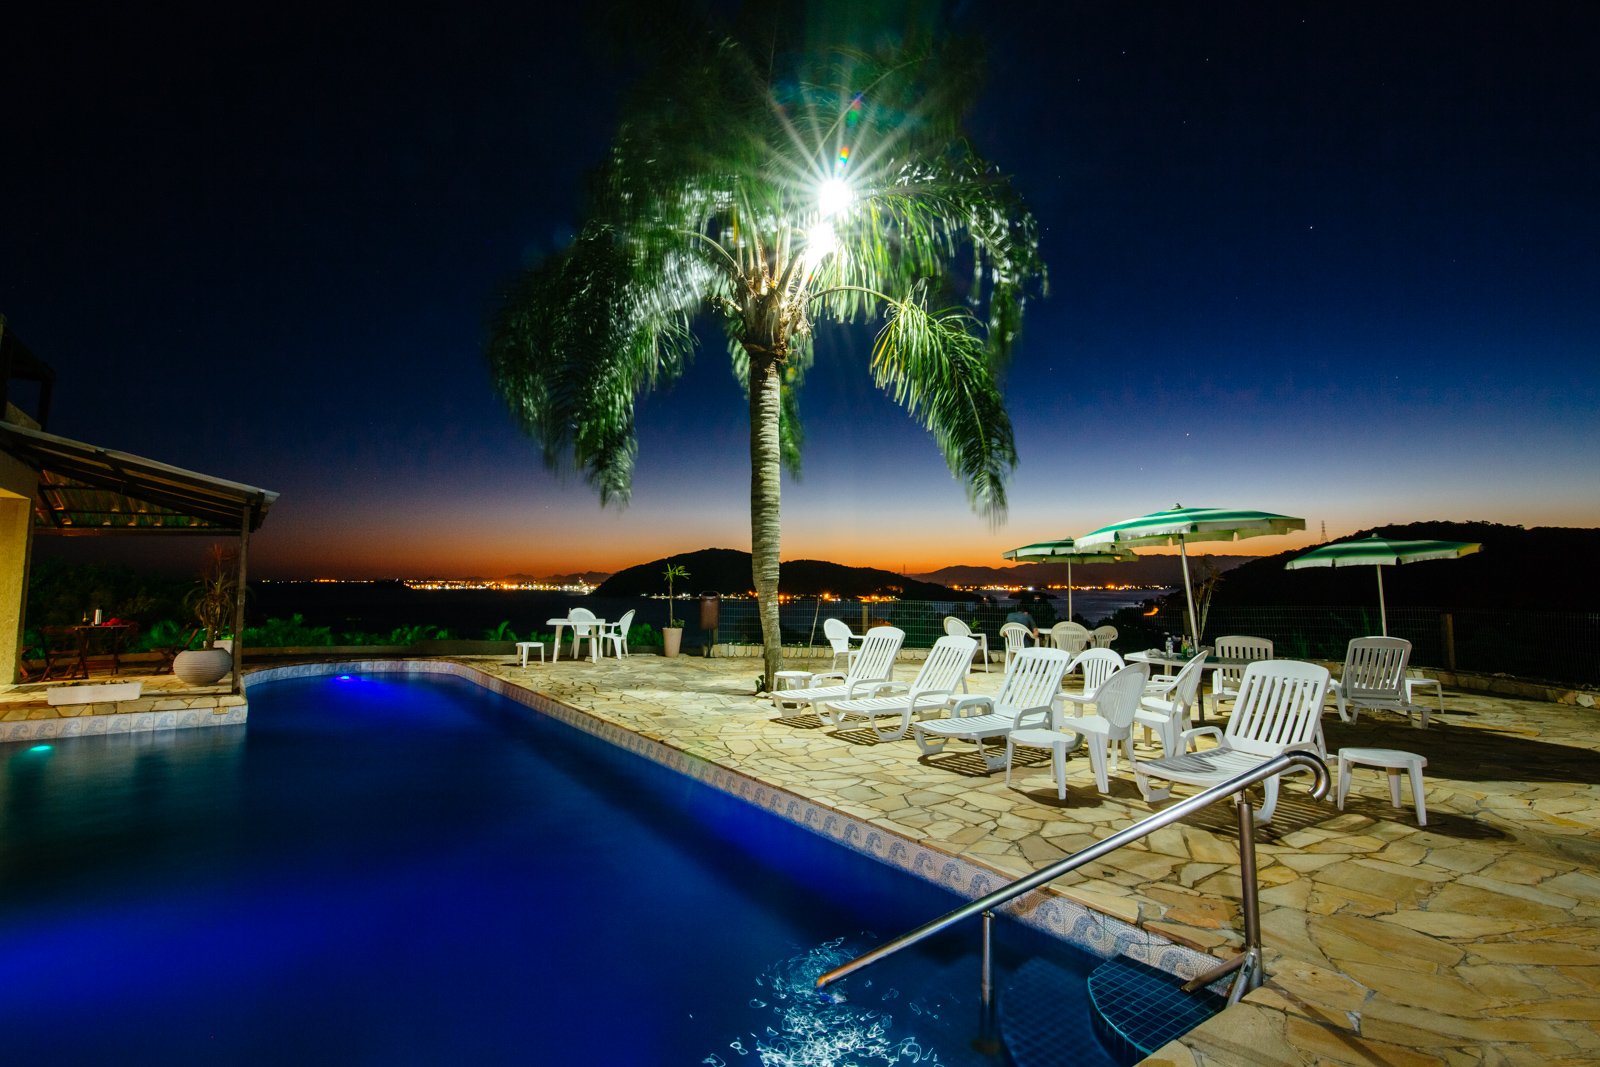 Piscina Hotel Caieiras Noite